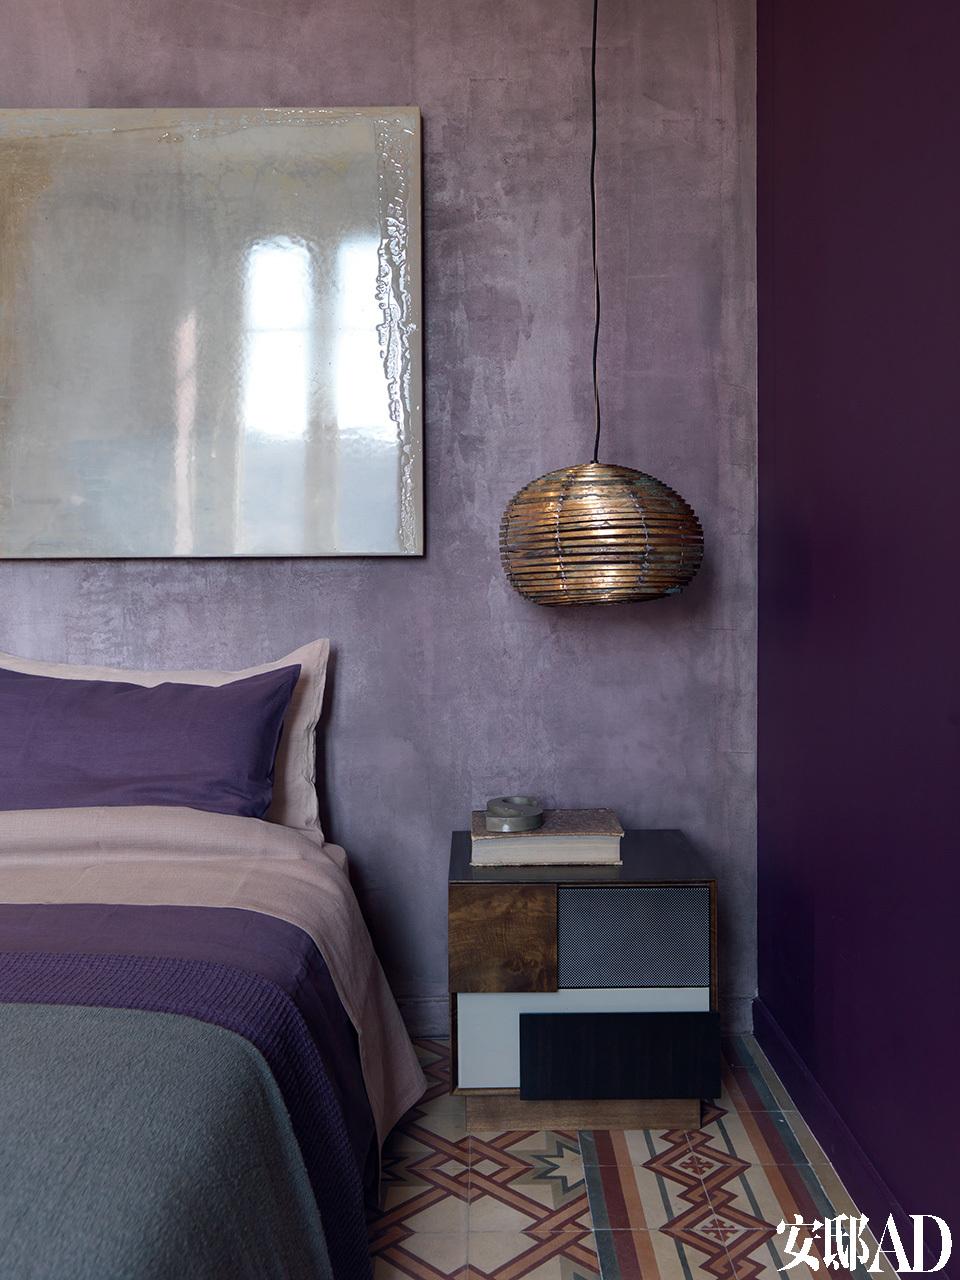 卧室被漆成极富戏剧性的紫色调,带有金属元素的装饰物和艺术品为整个房间增色不少。卧室的墙面被漆成了极富戏剧性的紫色,却仍与地砖上的彩色图案相衬。床上的被单、床头墙面上精致的淡绿色艺术品,都与床头柜的色调巧妙呼应。靠枕、床单、床罩的选择,更是助长了卧室里这种戏剧化的配色效果。